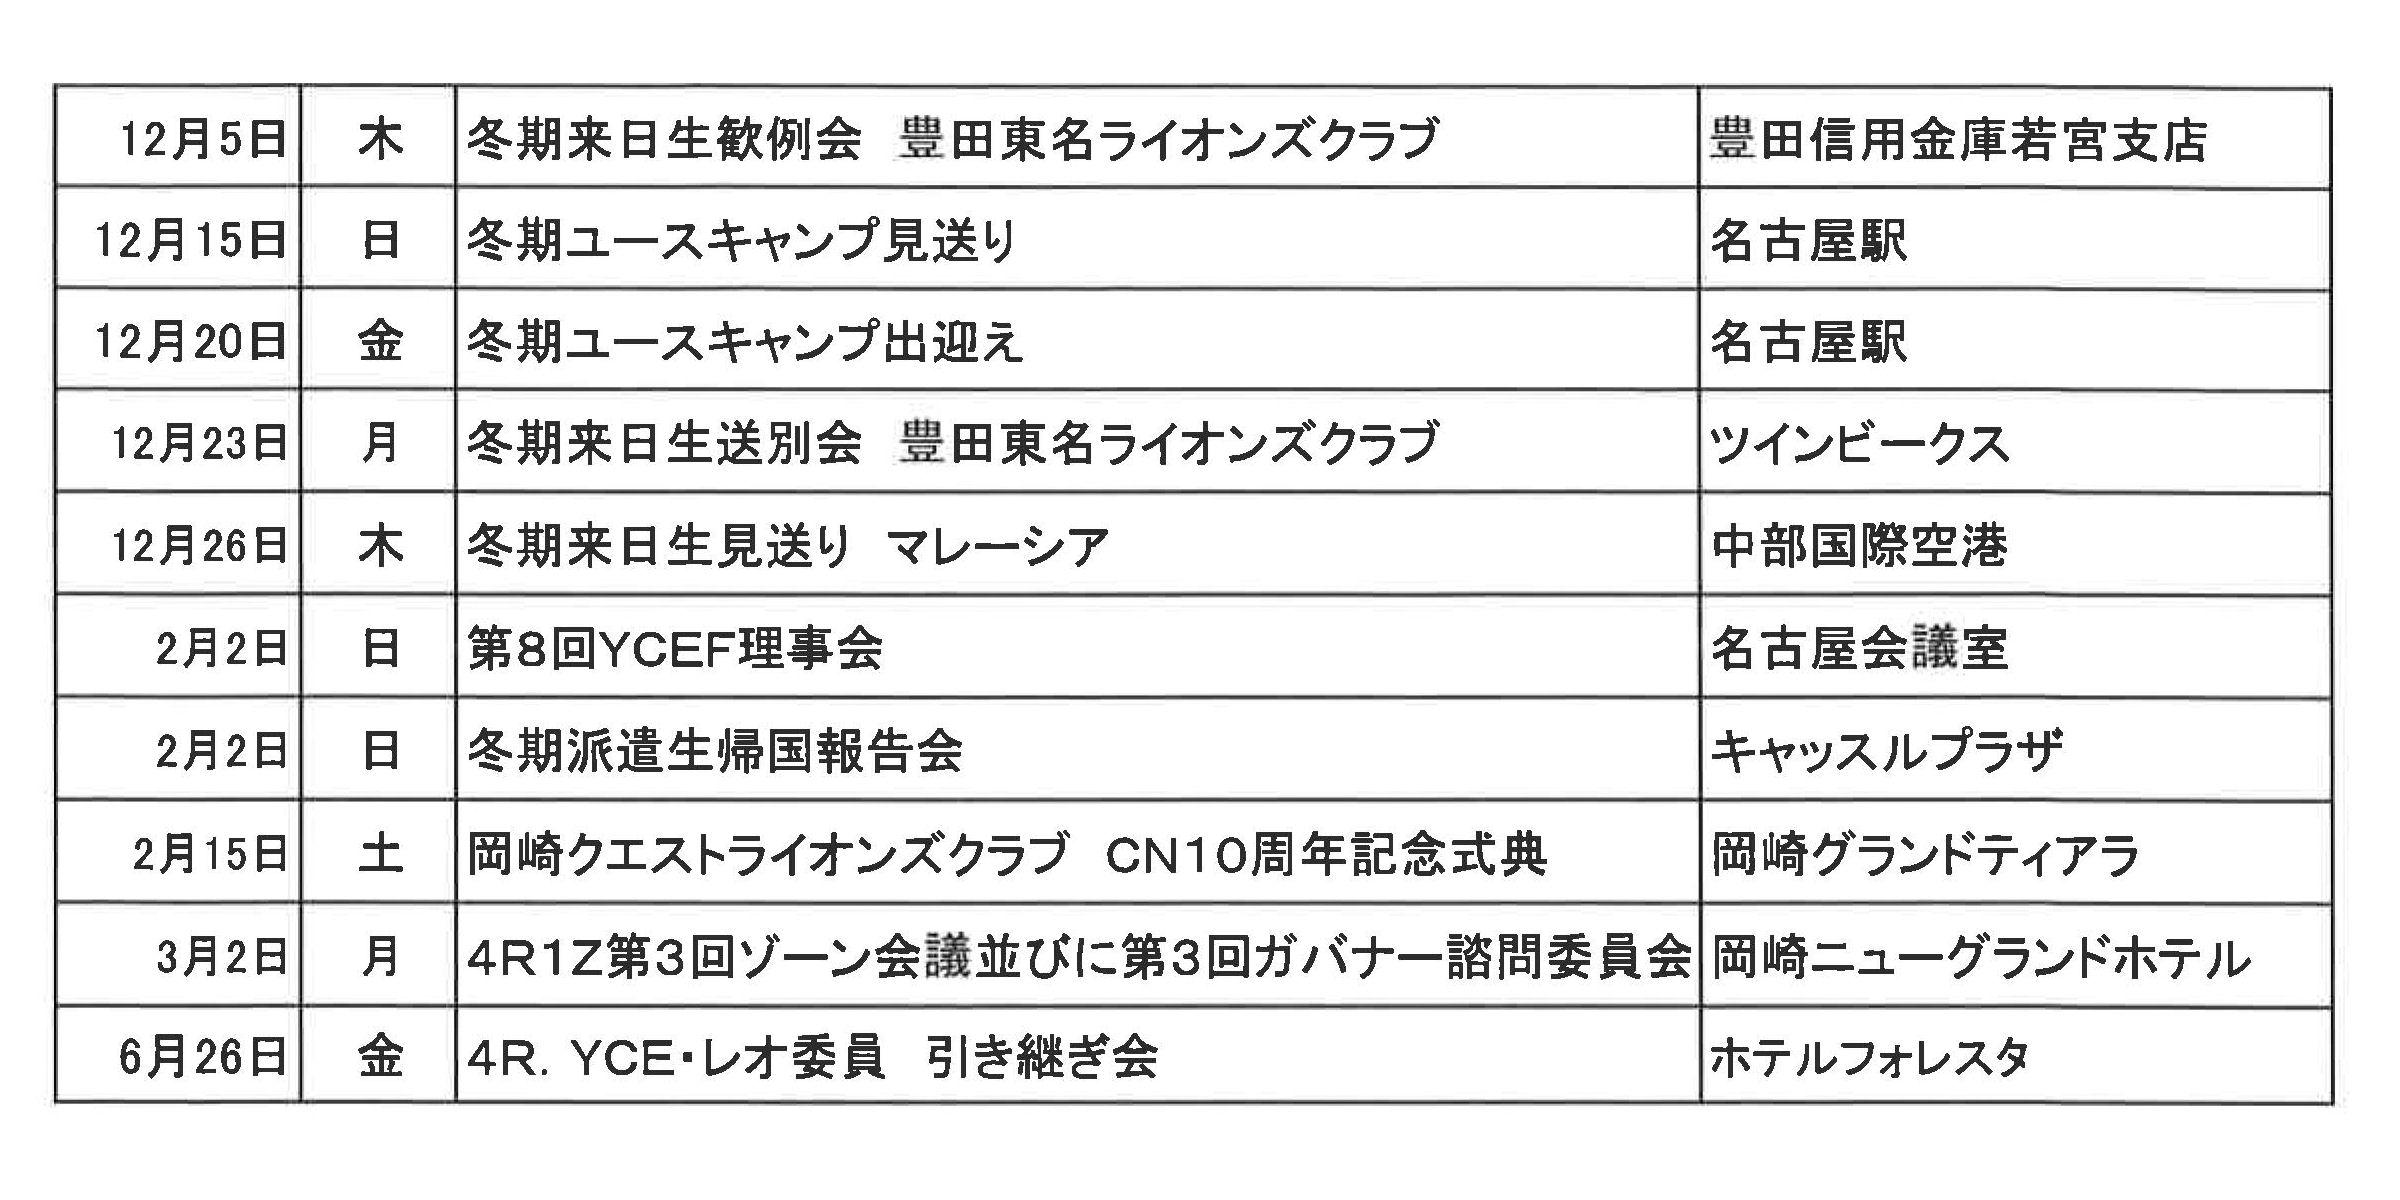 22 4R YCE・レオ委員活動報告書2